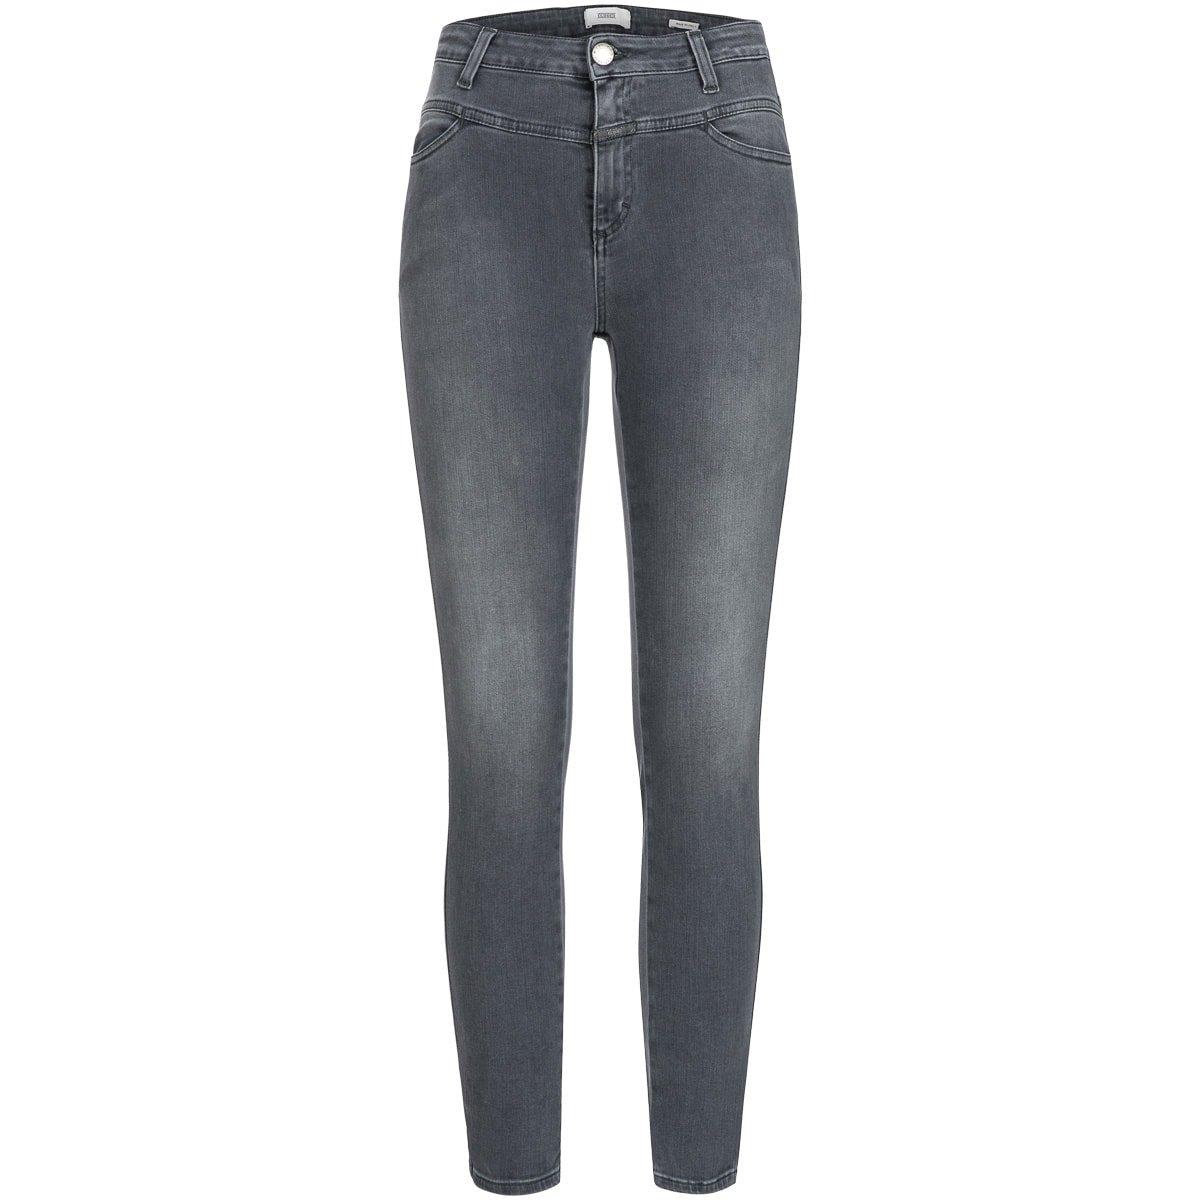 Closed Jeans die Pedal Pusher inspiriert von Postboten